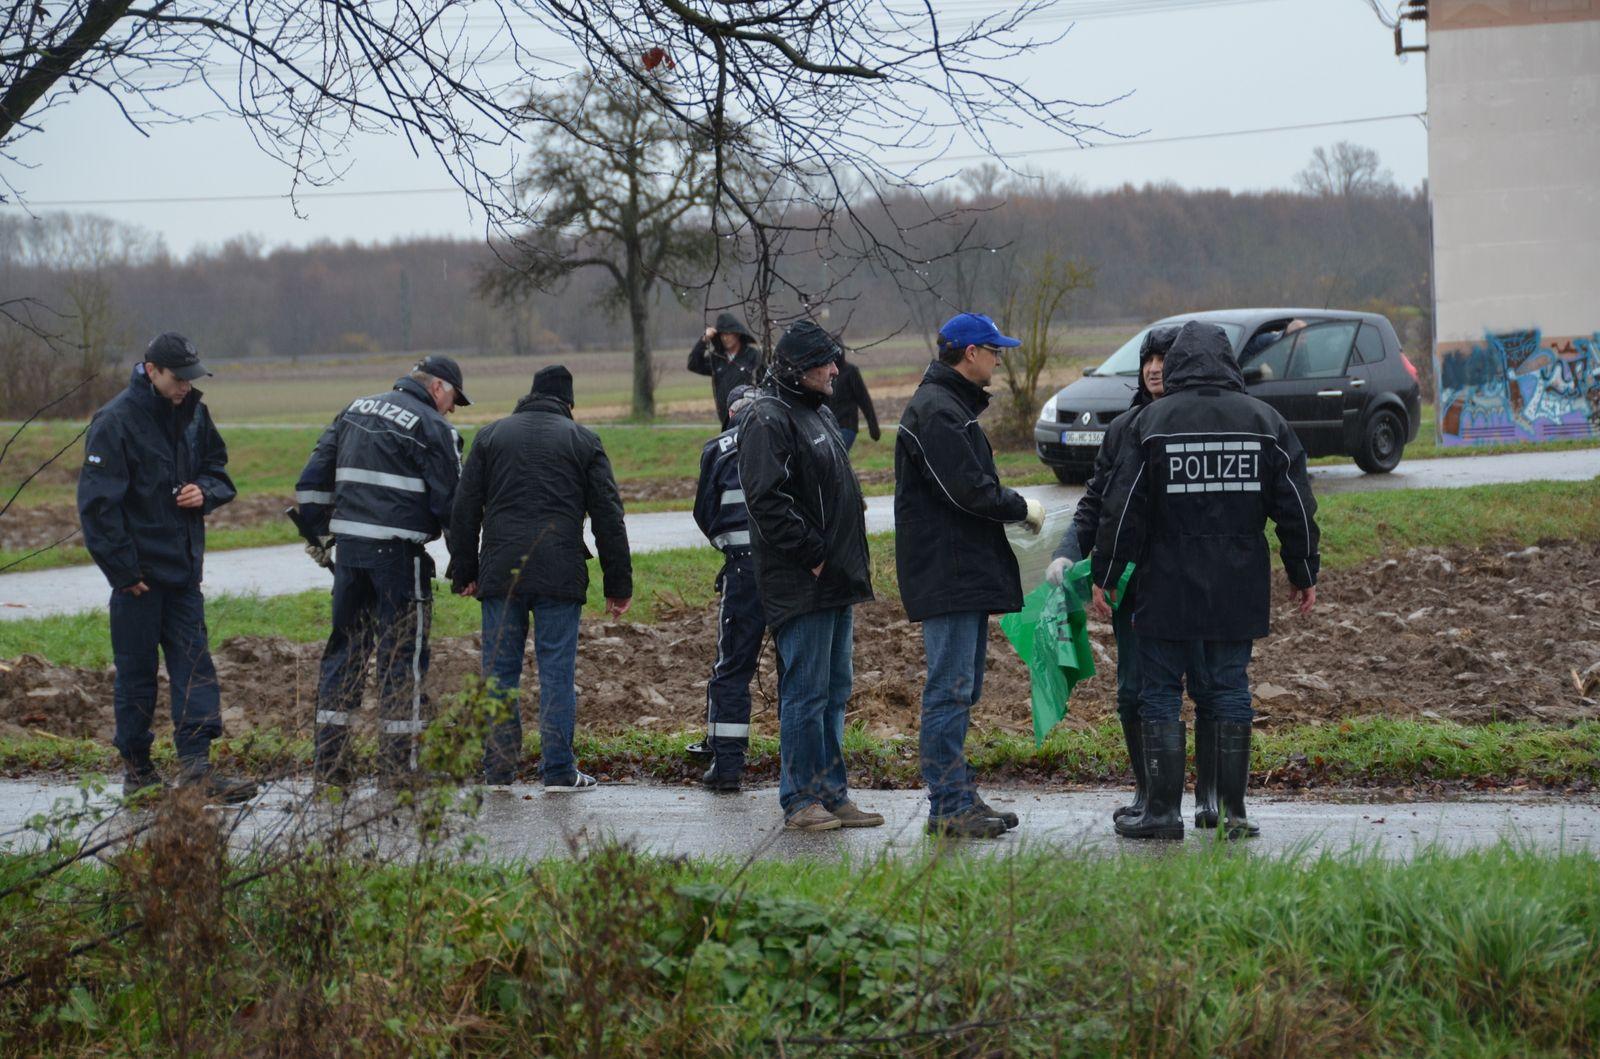 NICHT VERWENDEN Offenburg/ Hells Angels/ Rocker erschossen